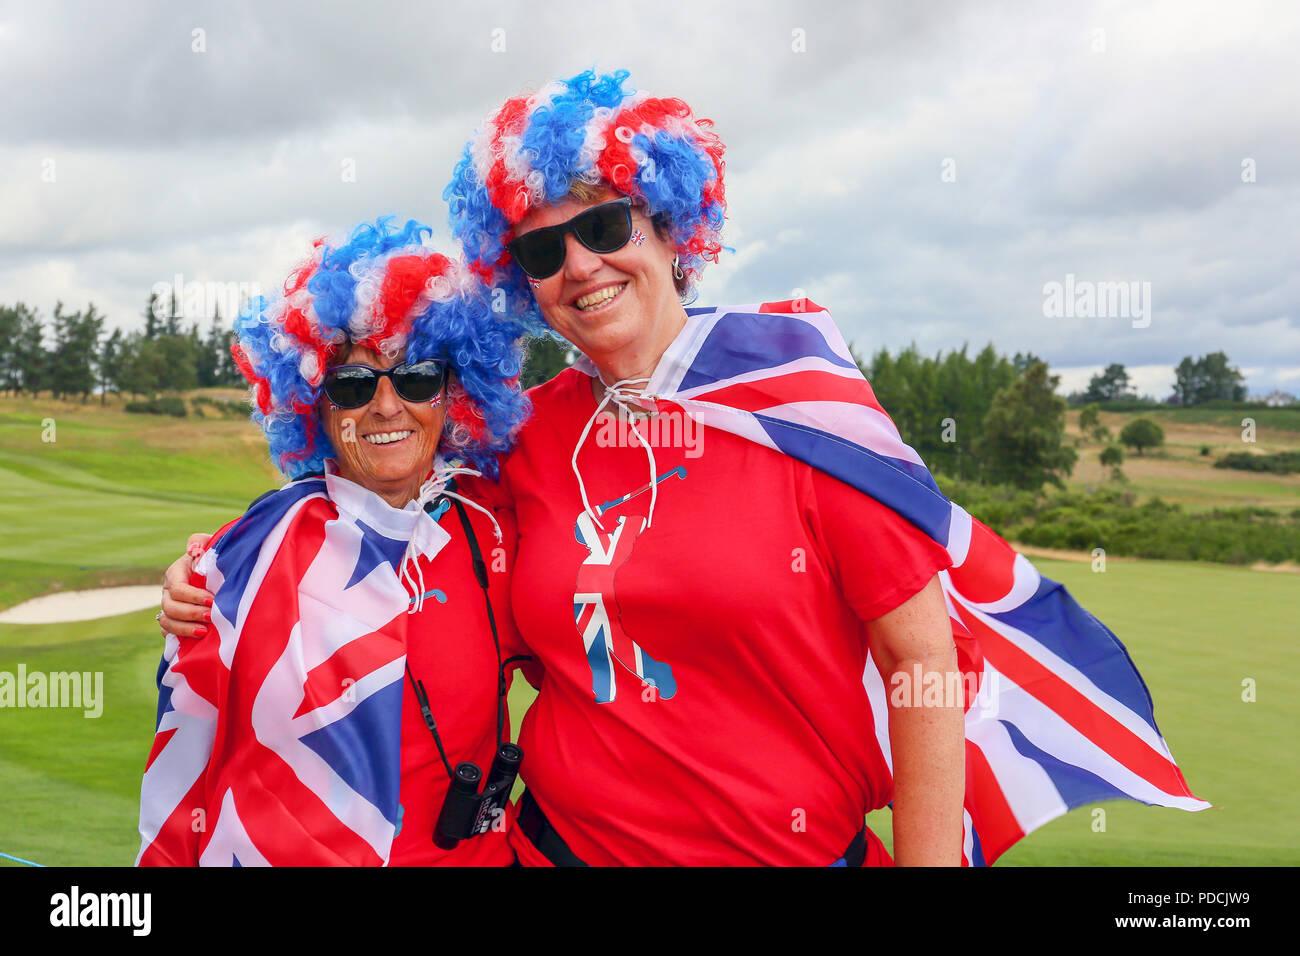 Gleneagles Schottland Großbritannien 9 August 2018 Zwei Freunde